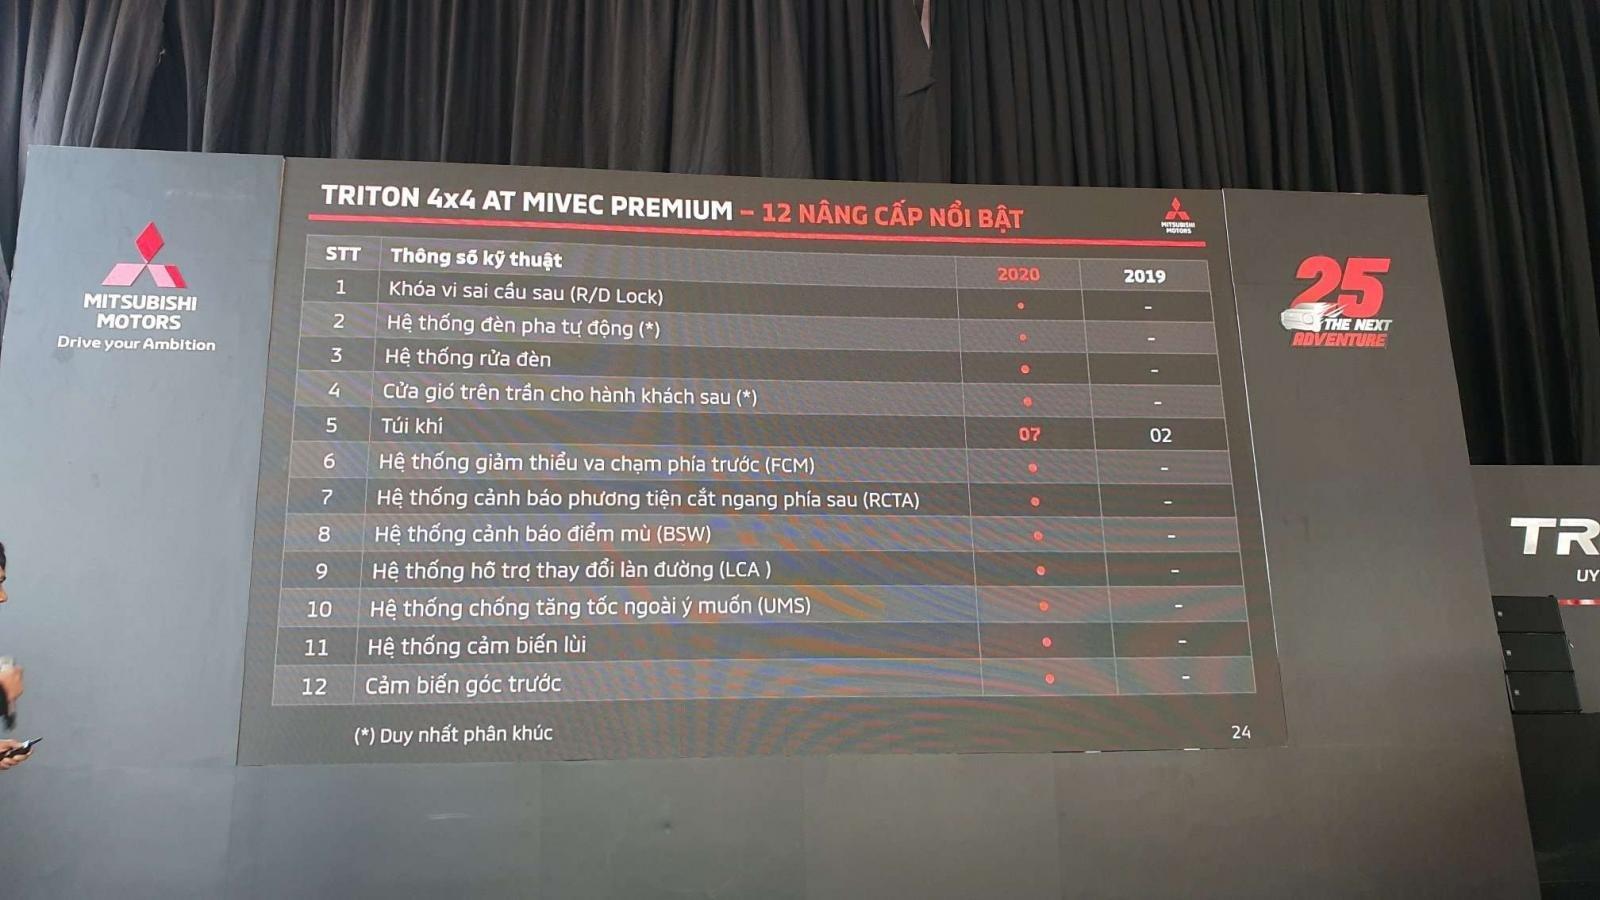 Thông số kỹ thuật xe Mitsubishi triton 2020 vừa ra mắt Việt Nam a2